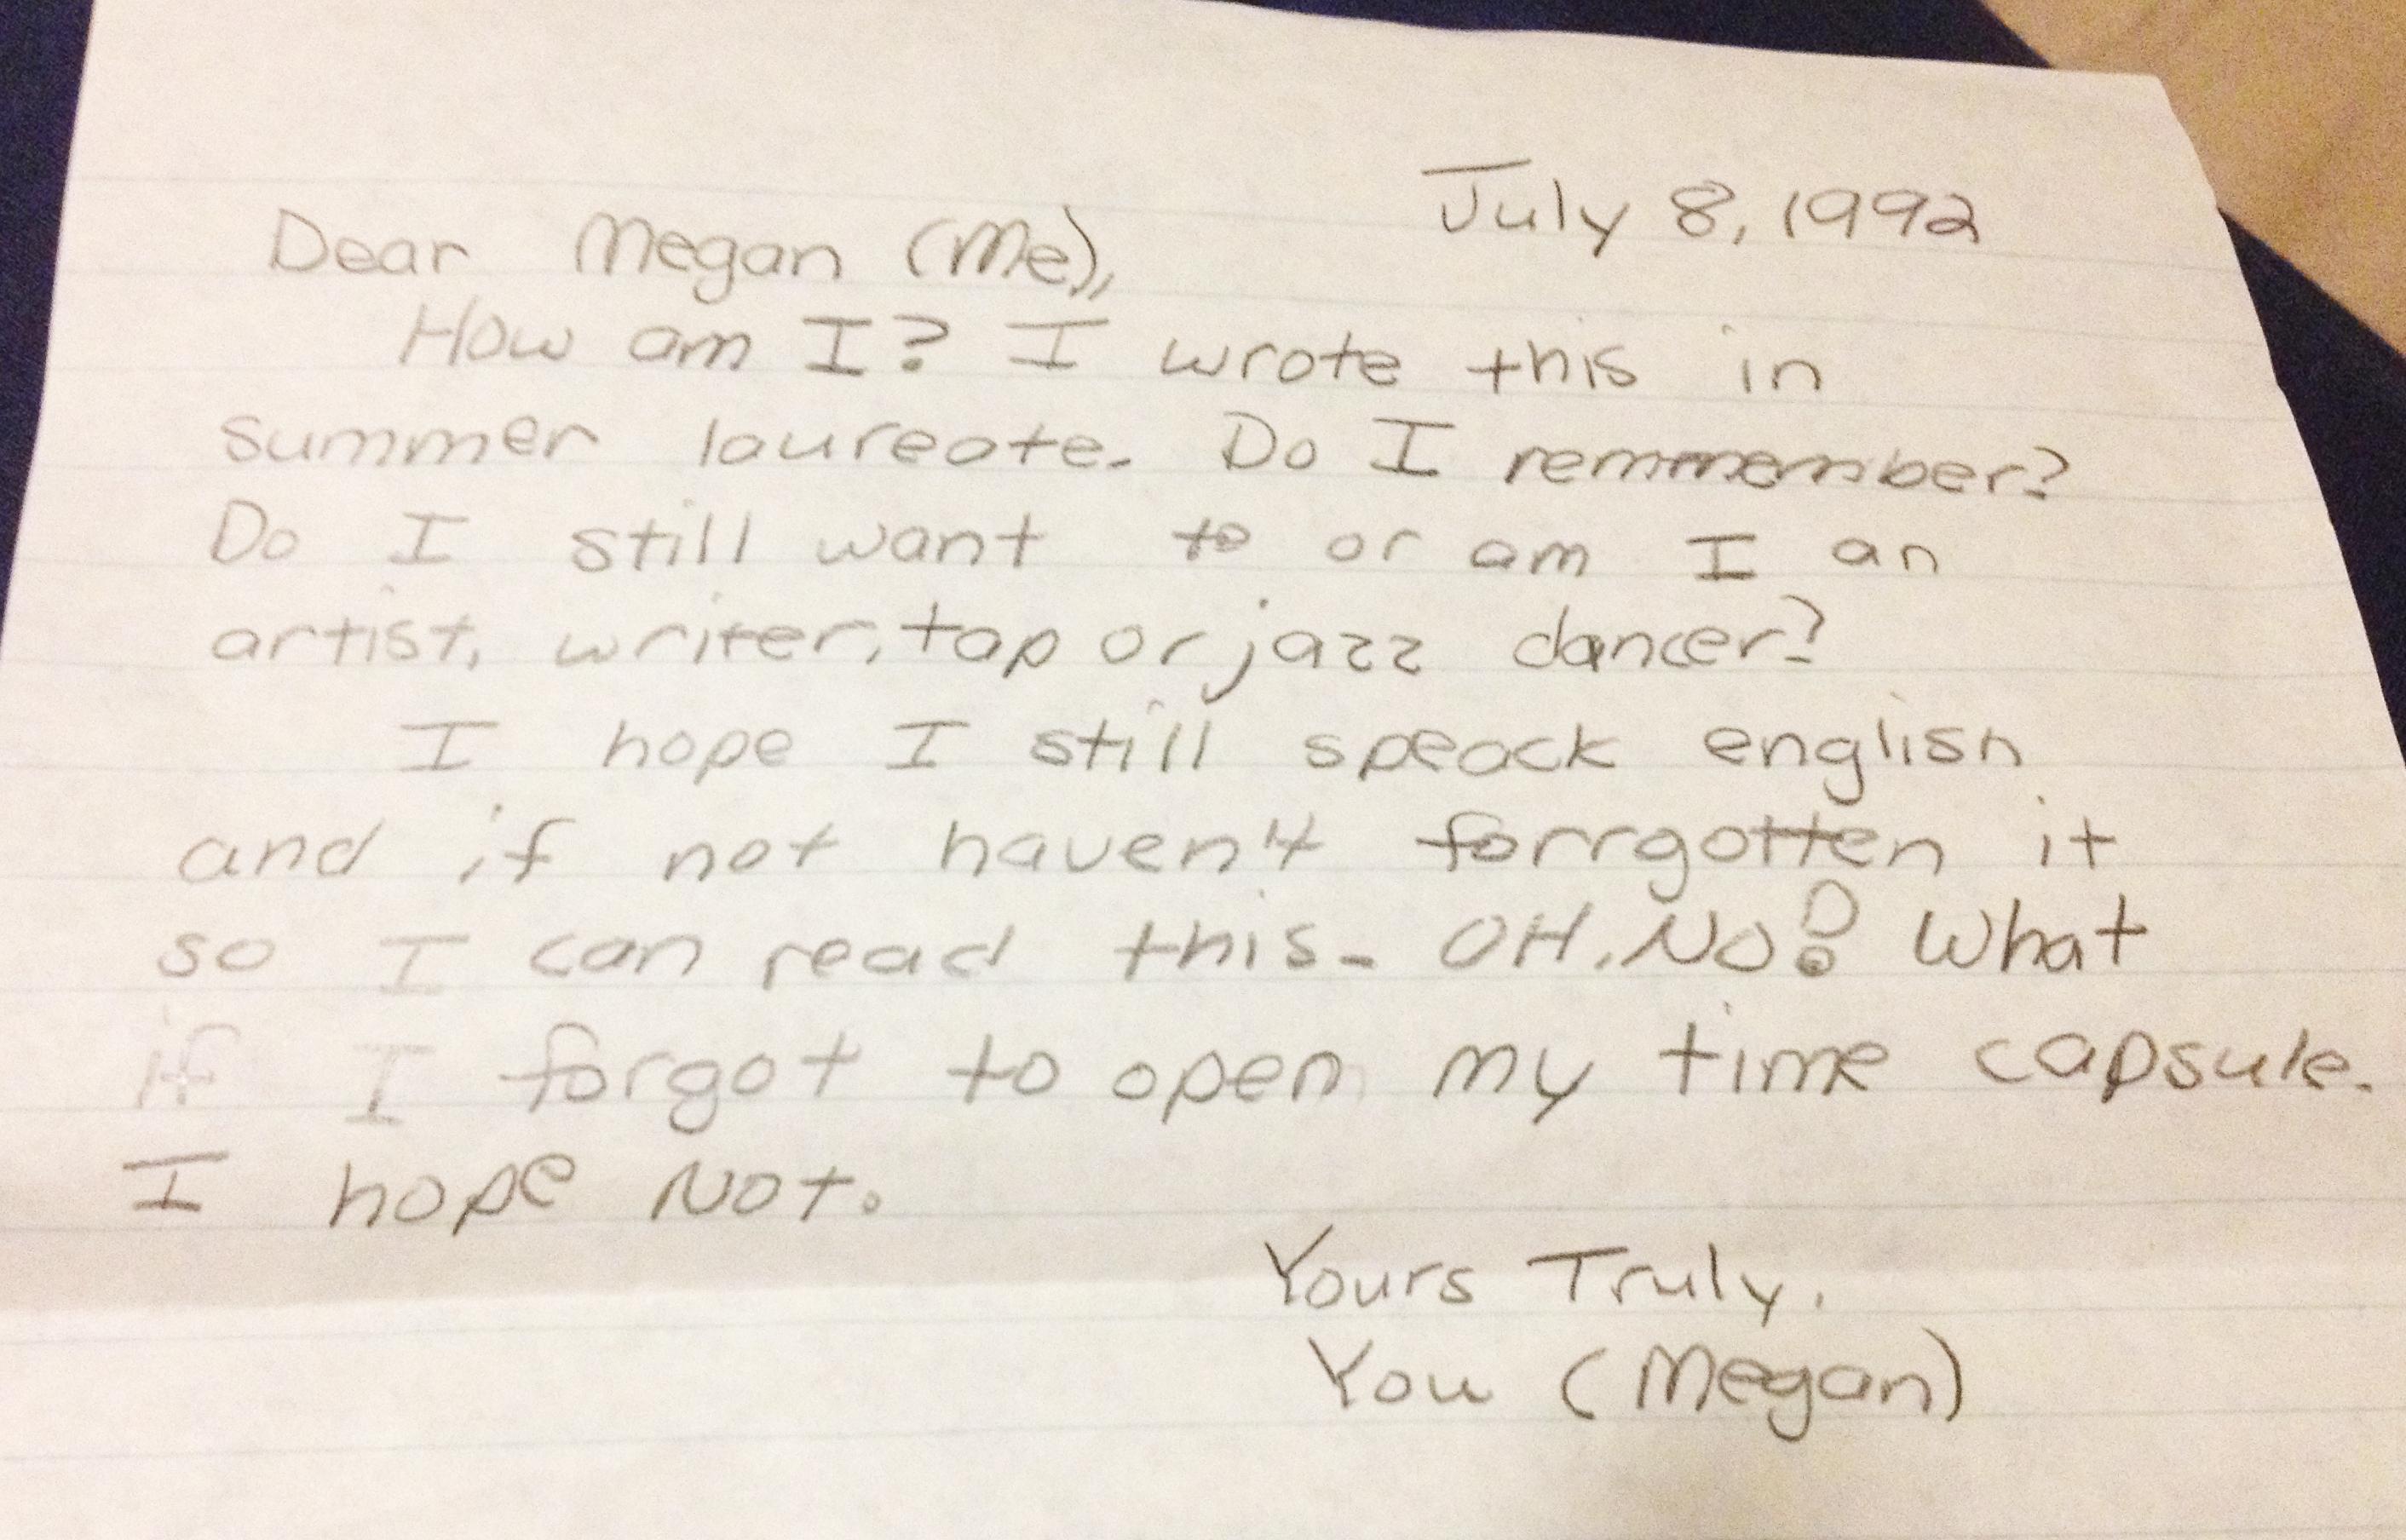 Sample Time Capsule Letter to Stranger forecasting